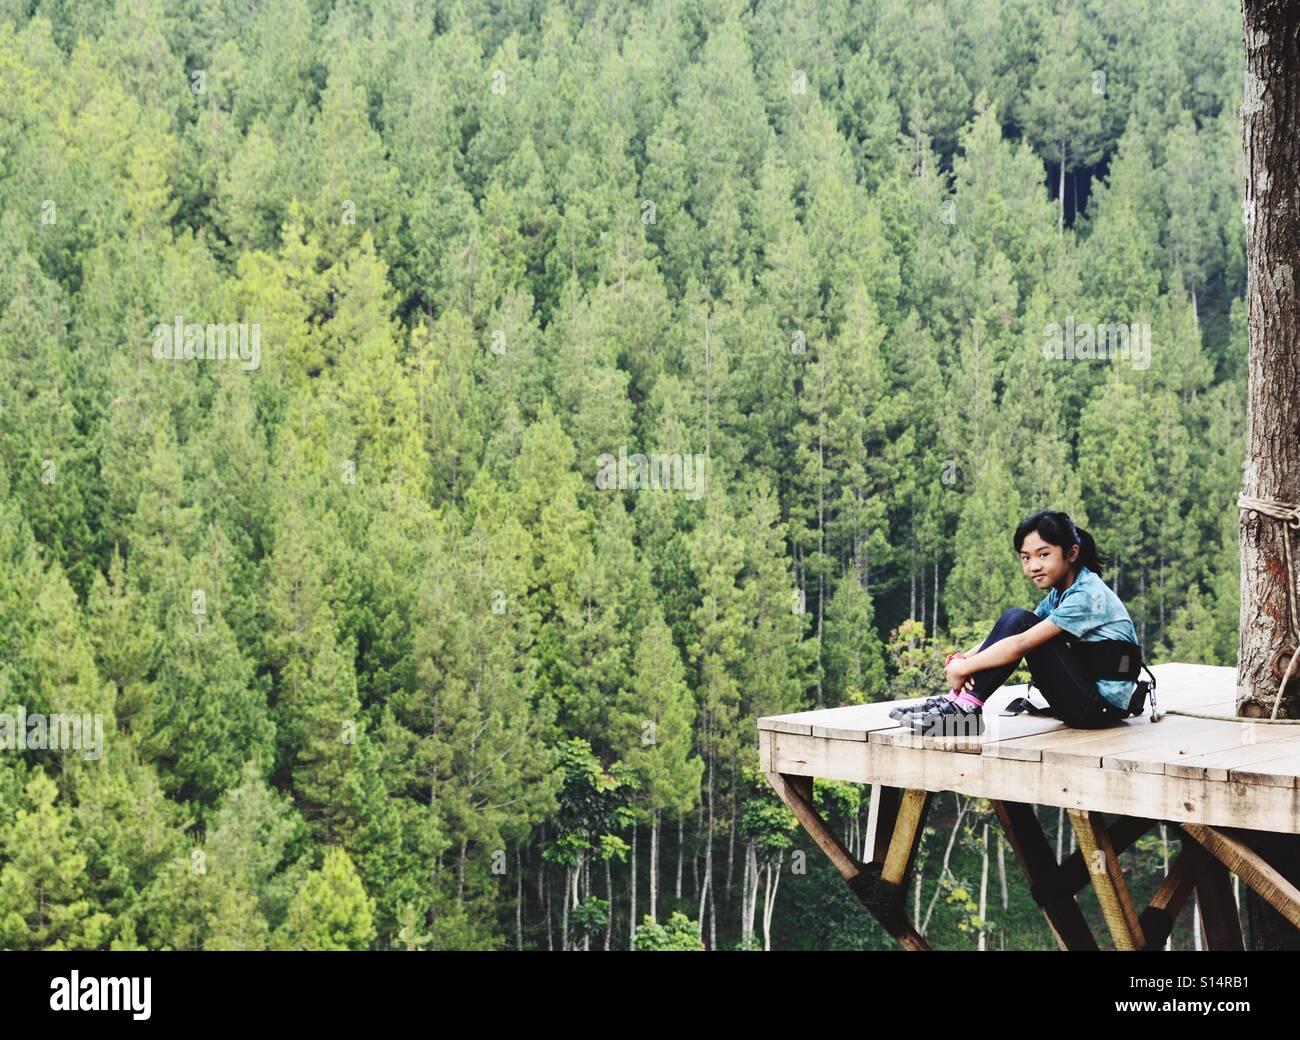 Ein junger Abenteurer mit Schwindelfreiheit. Sie sitzt auf einer hölzernen Plattform hoch über den bewaldeten Stockbild